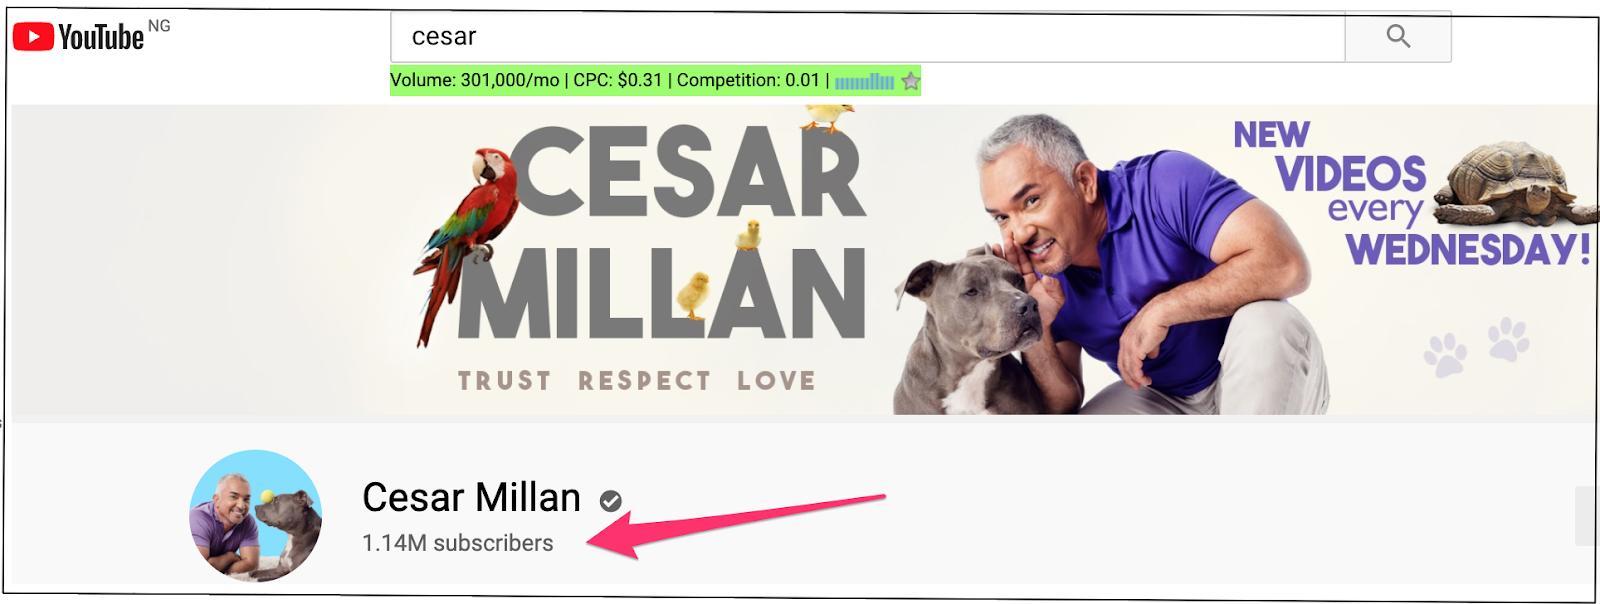 Képernyőkép Cesar Millan YouTube-követőinek számáról (1,14 millió előfizető).